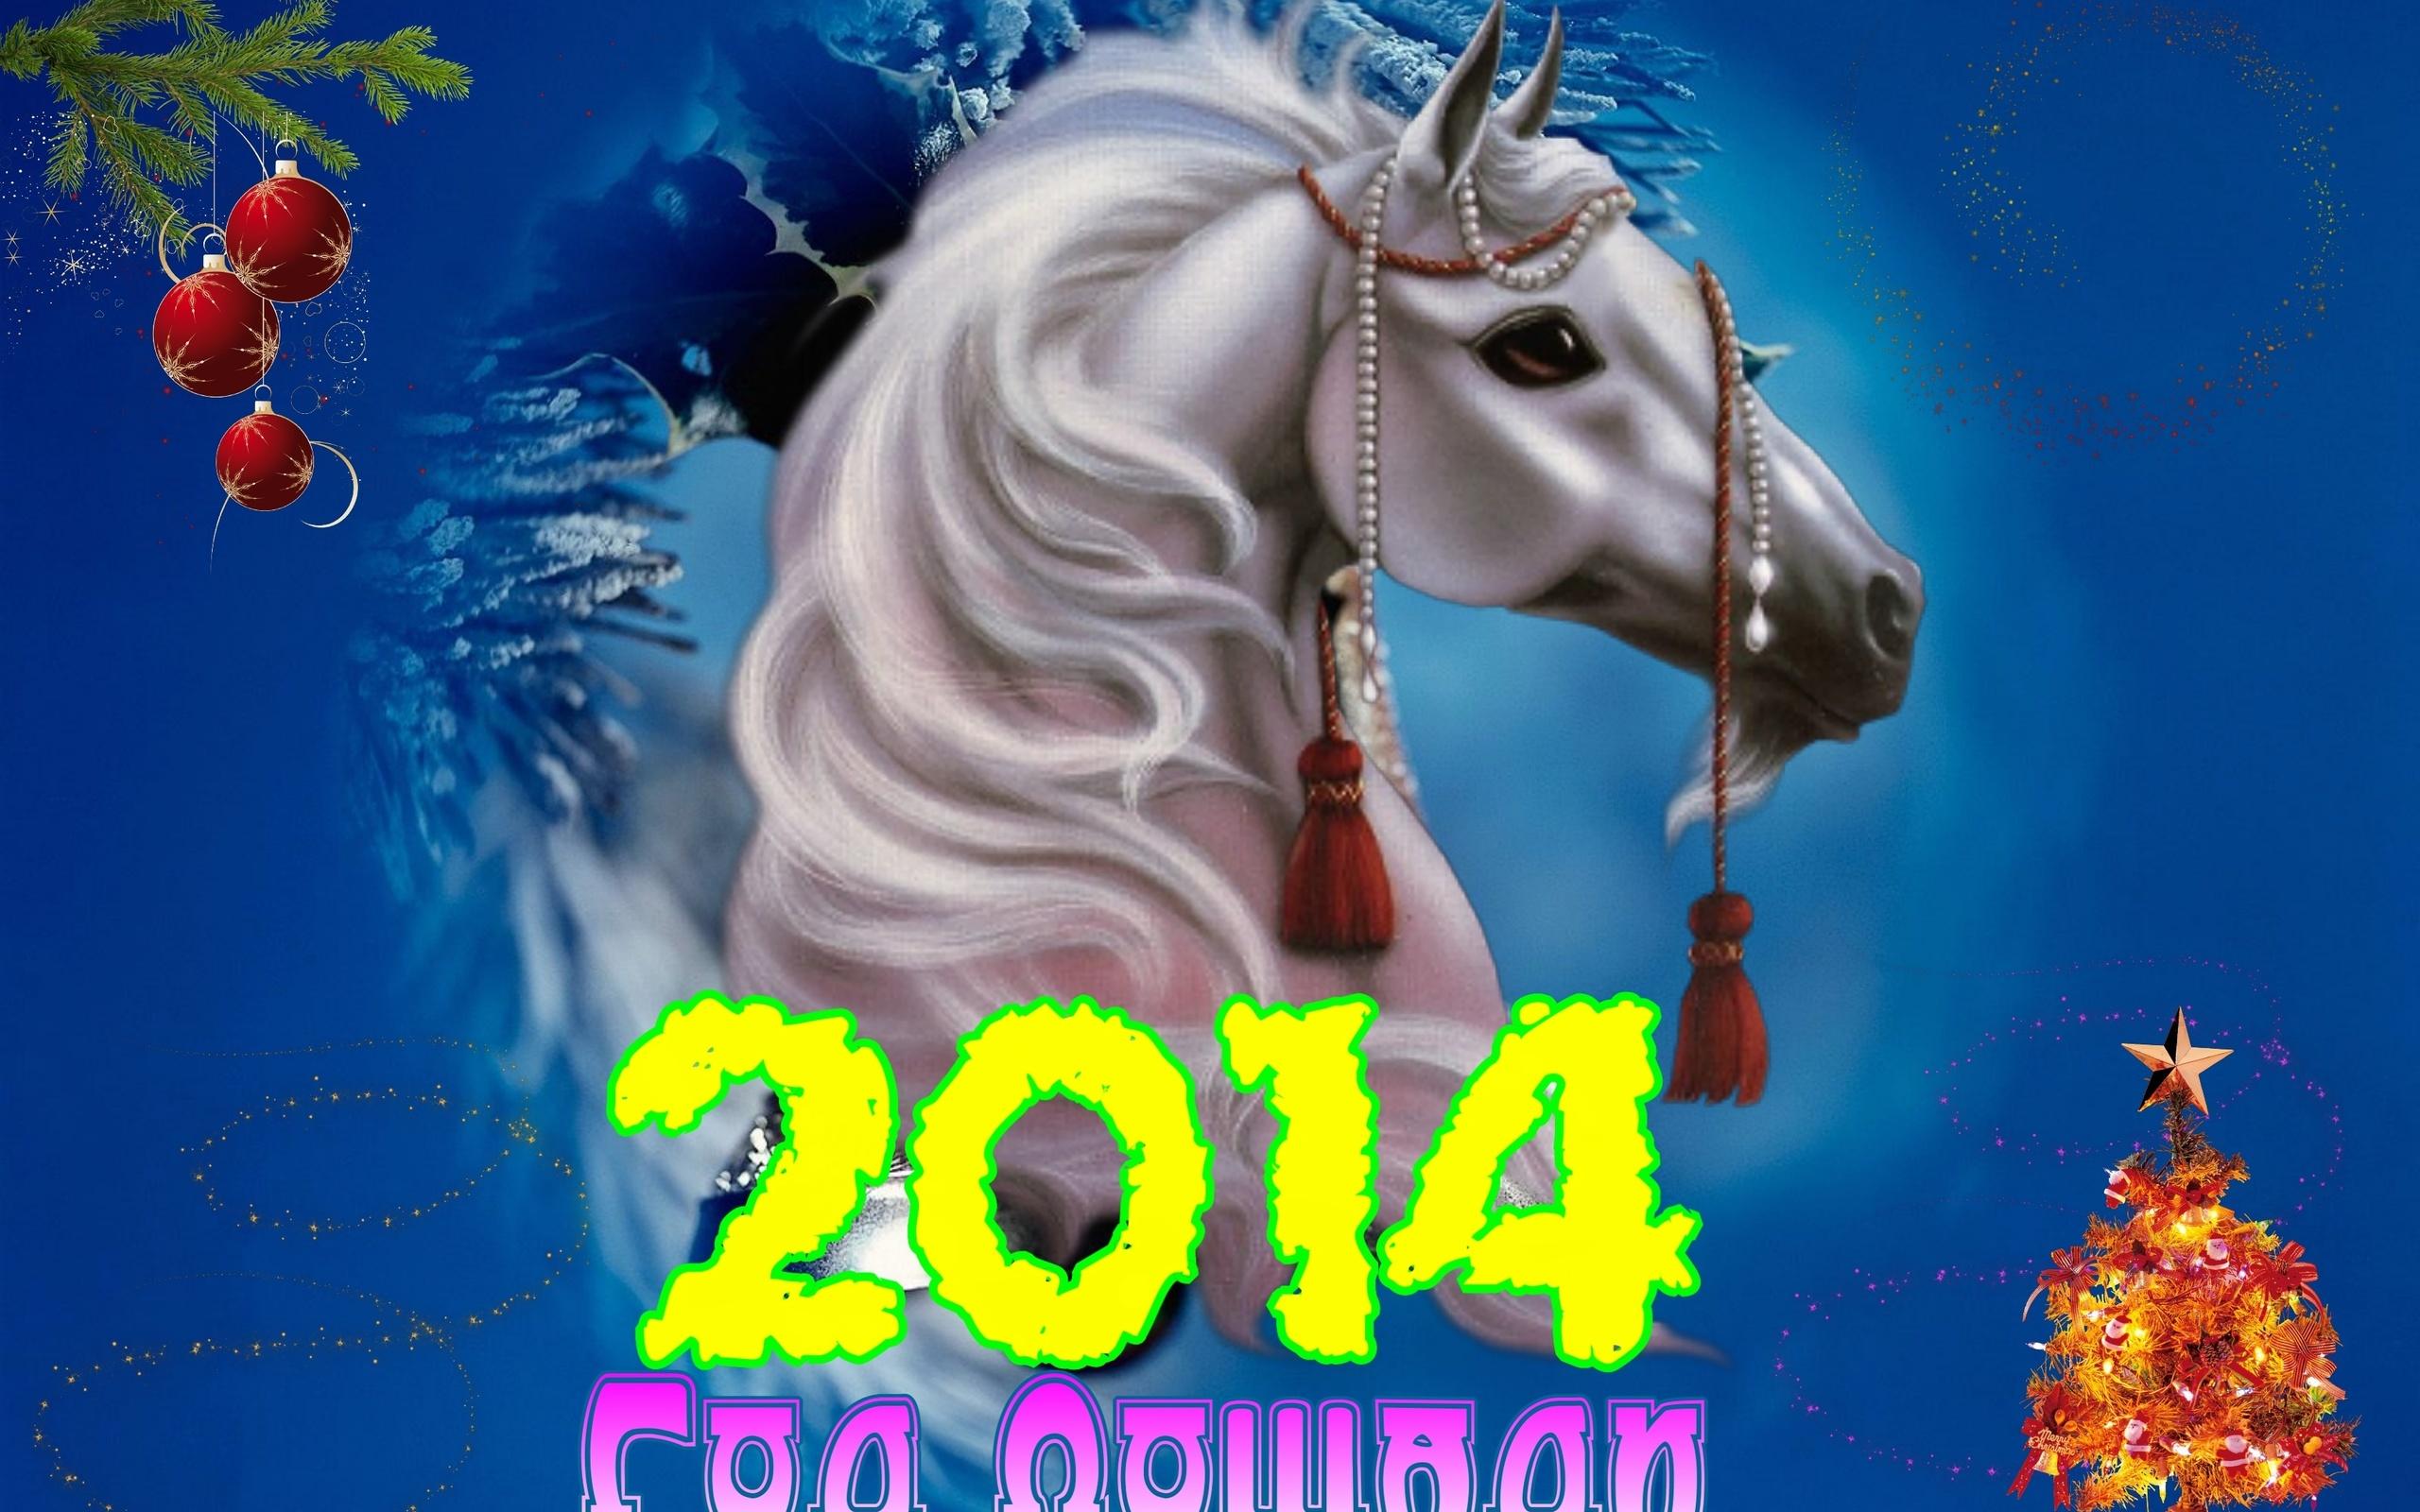 От с новым открытка с 2014 годом лошади, картинки привет девчонки